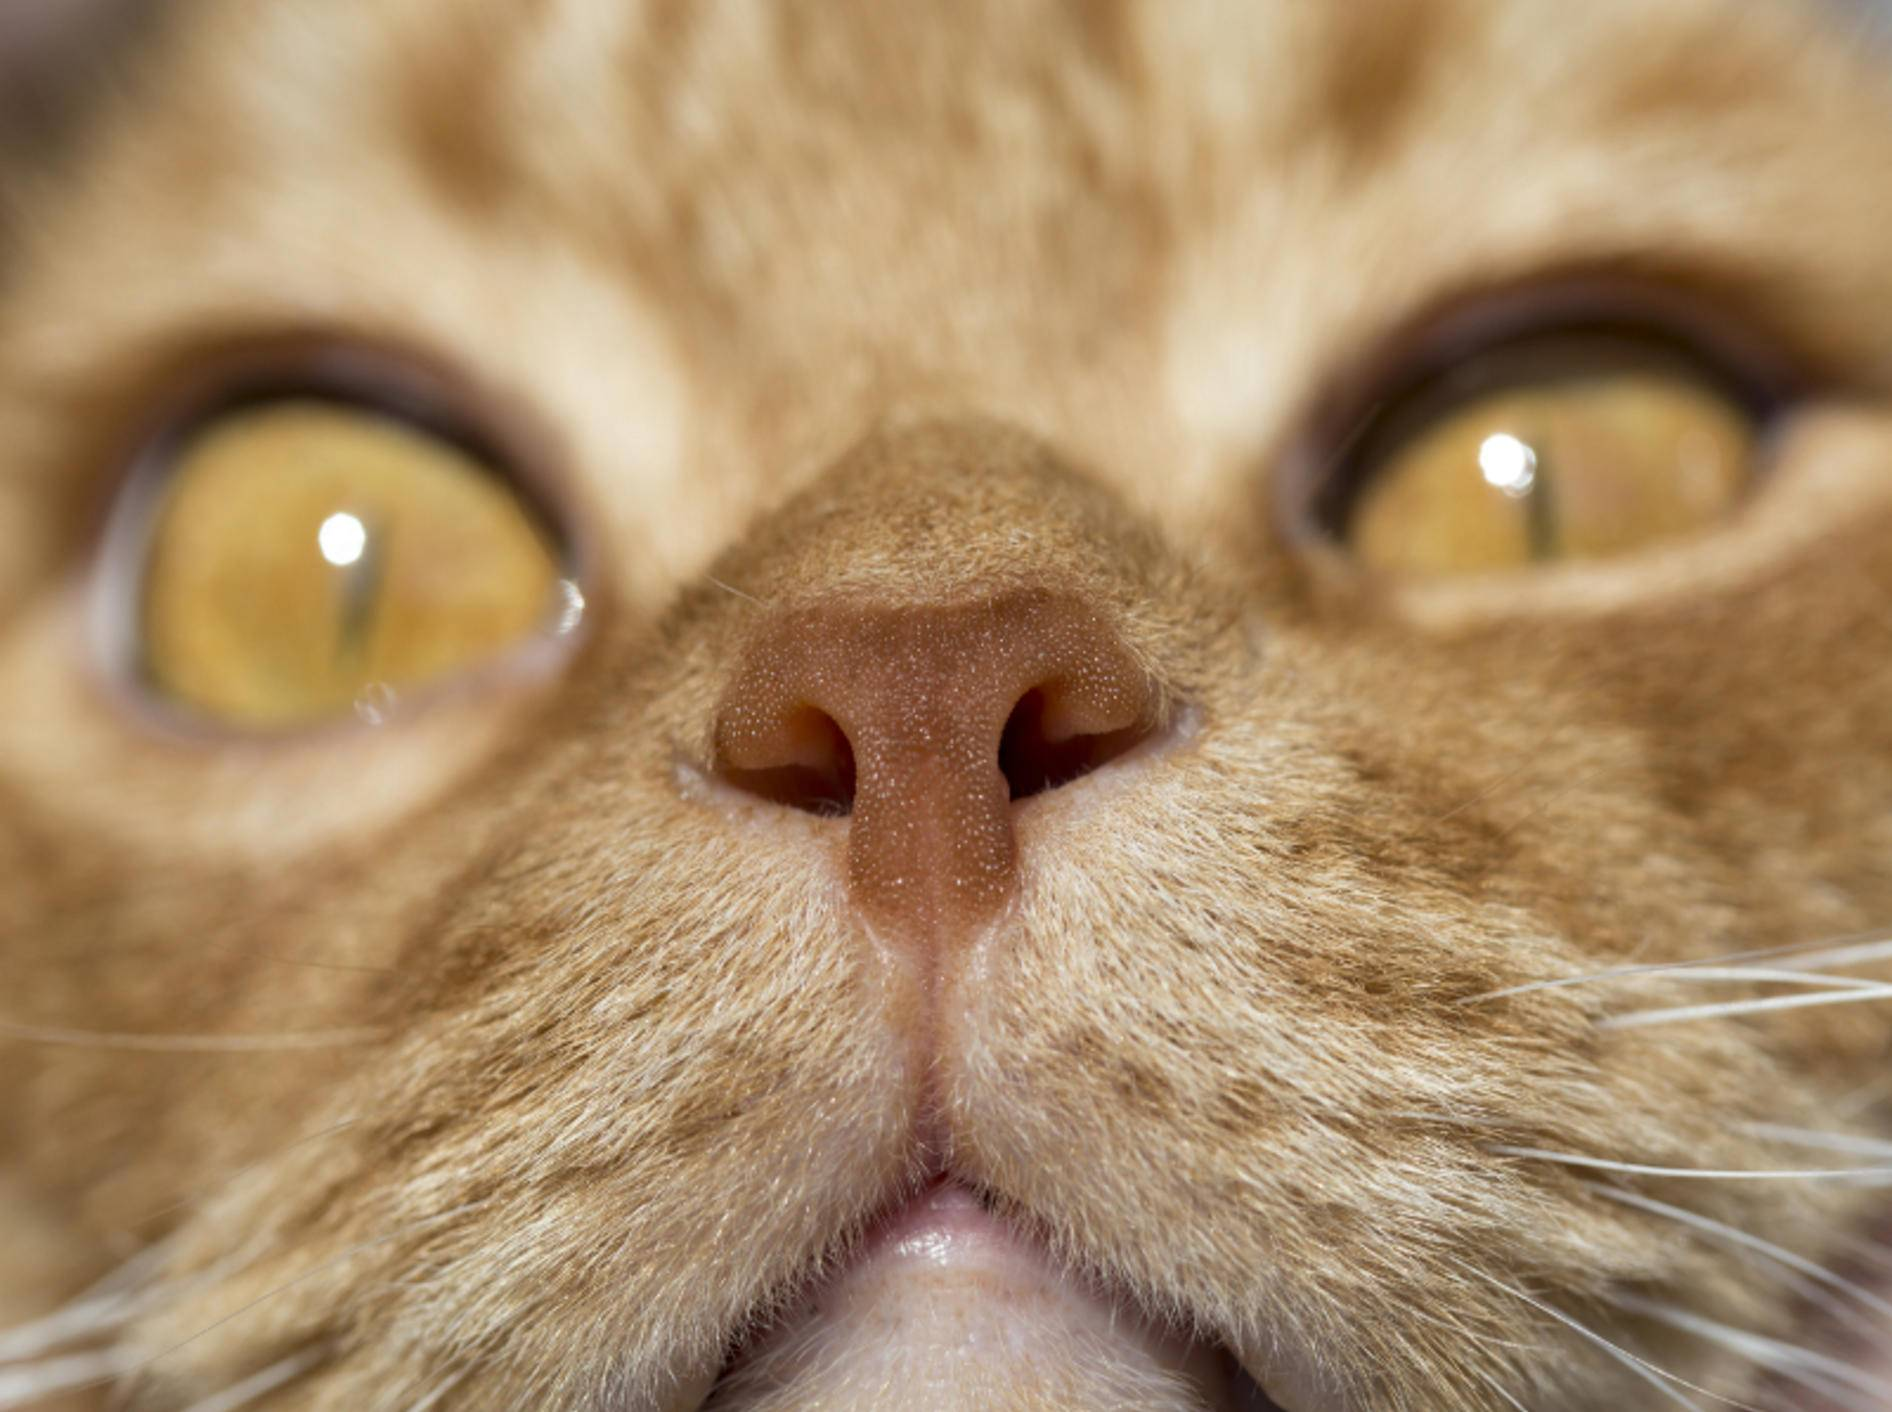 Katzen riechen deutlich besser als Menschen – Shutterstock / Alex Brylov